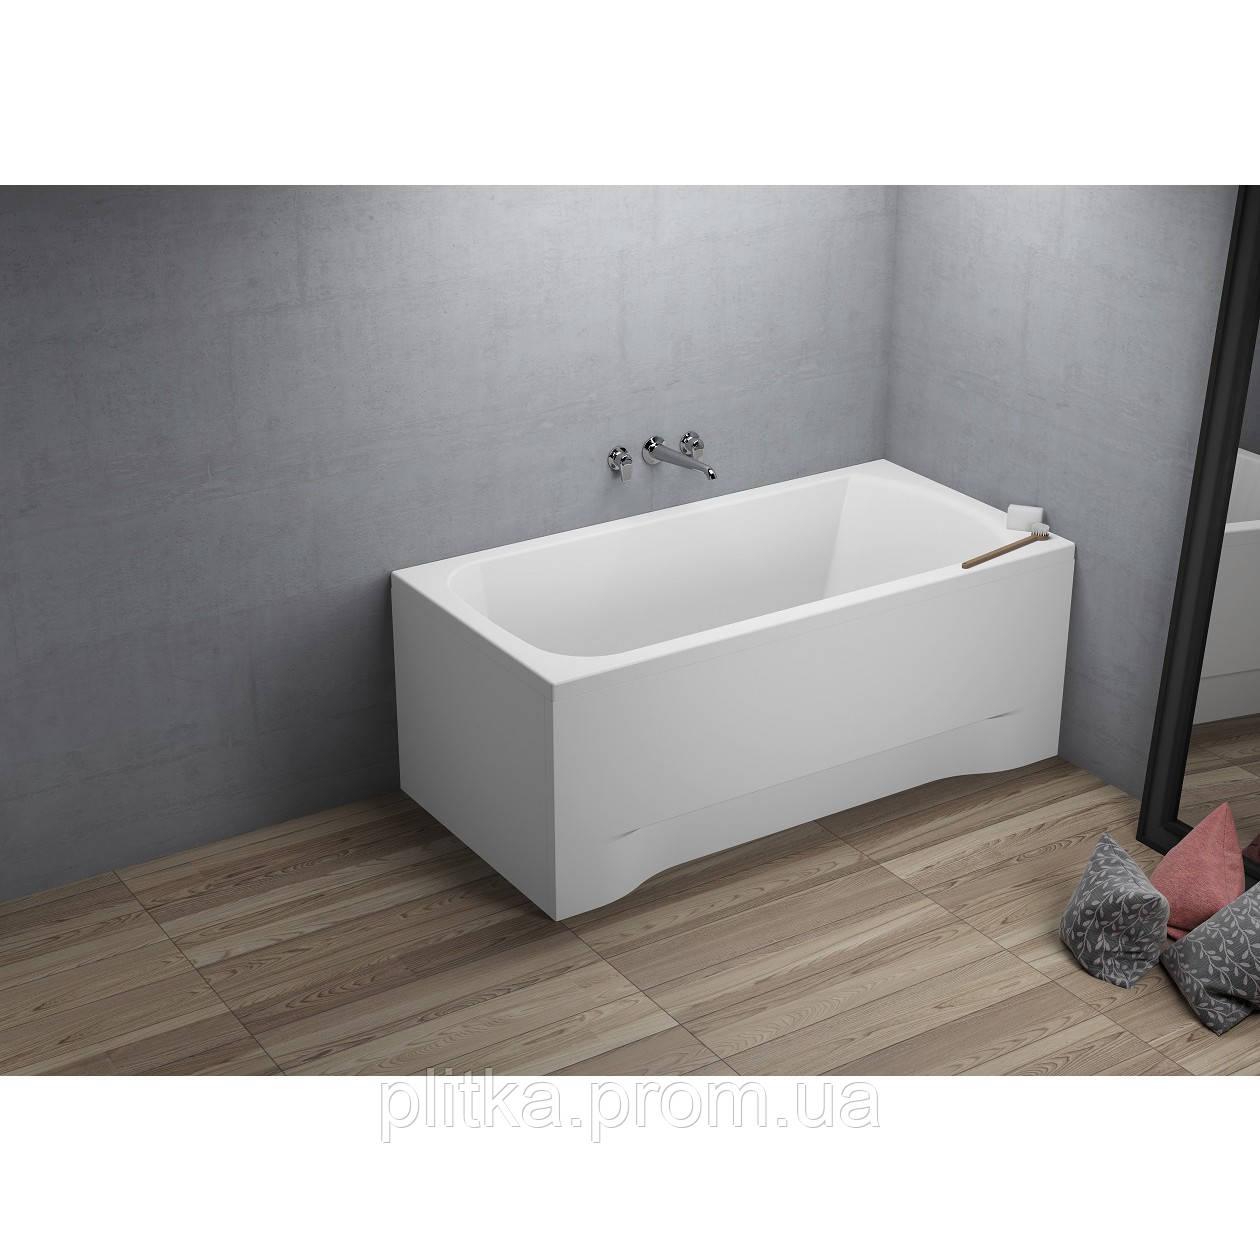 Ванна прямоугольная CLASSIC 130x70